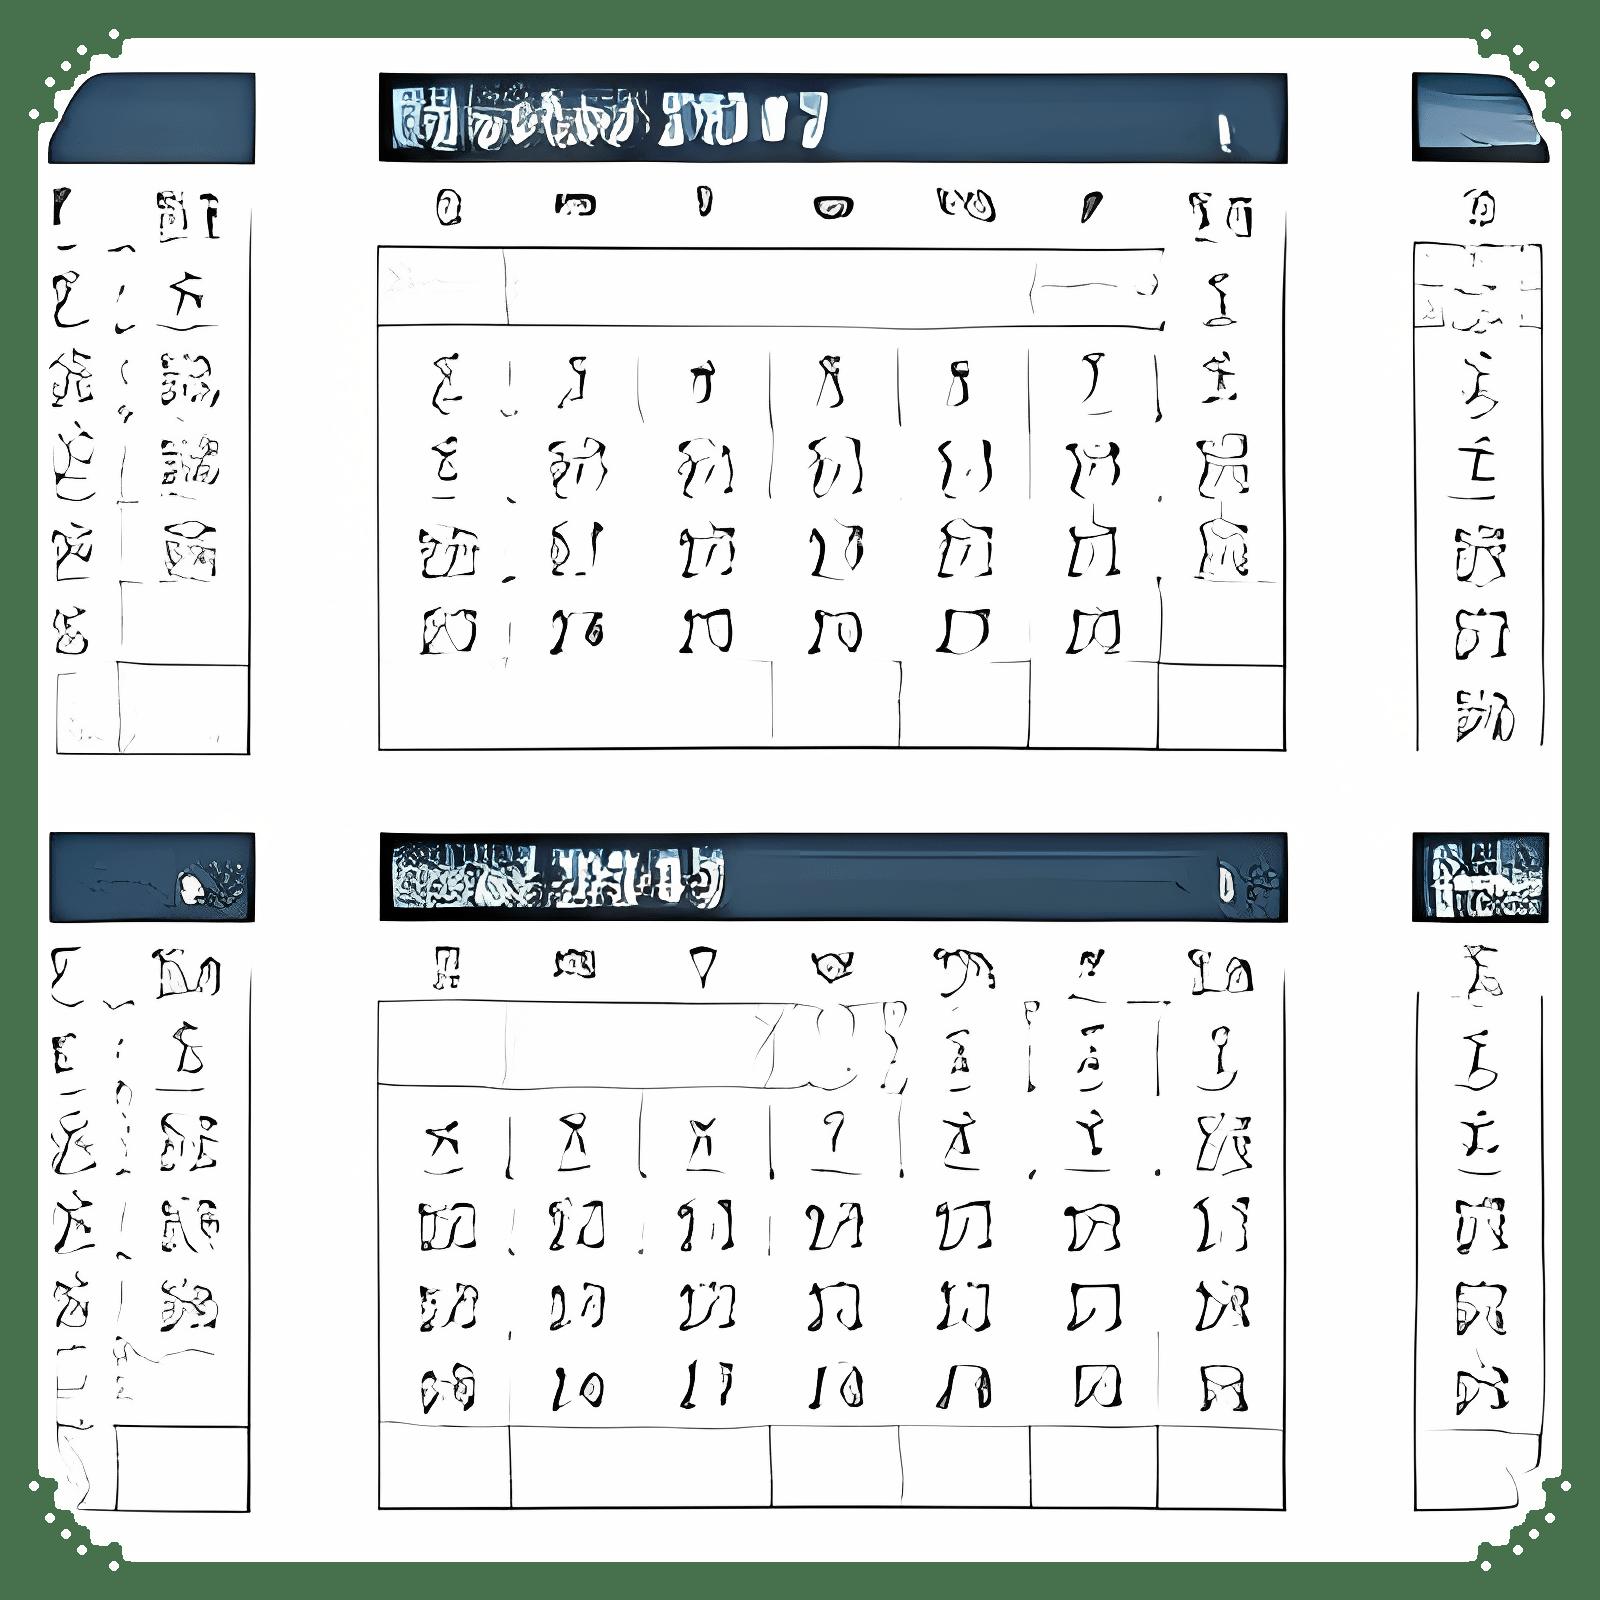 Plantilla de calendario anual en Excel